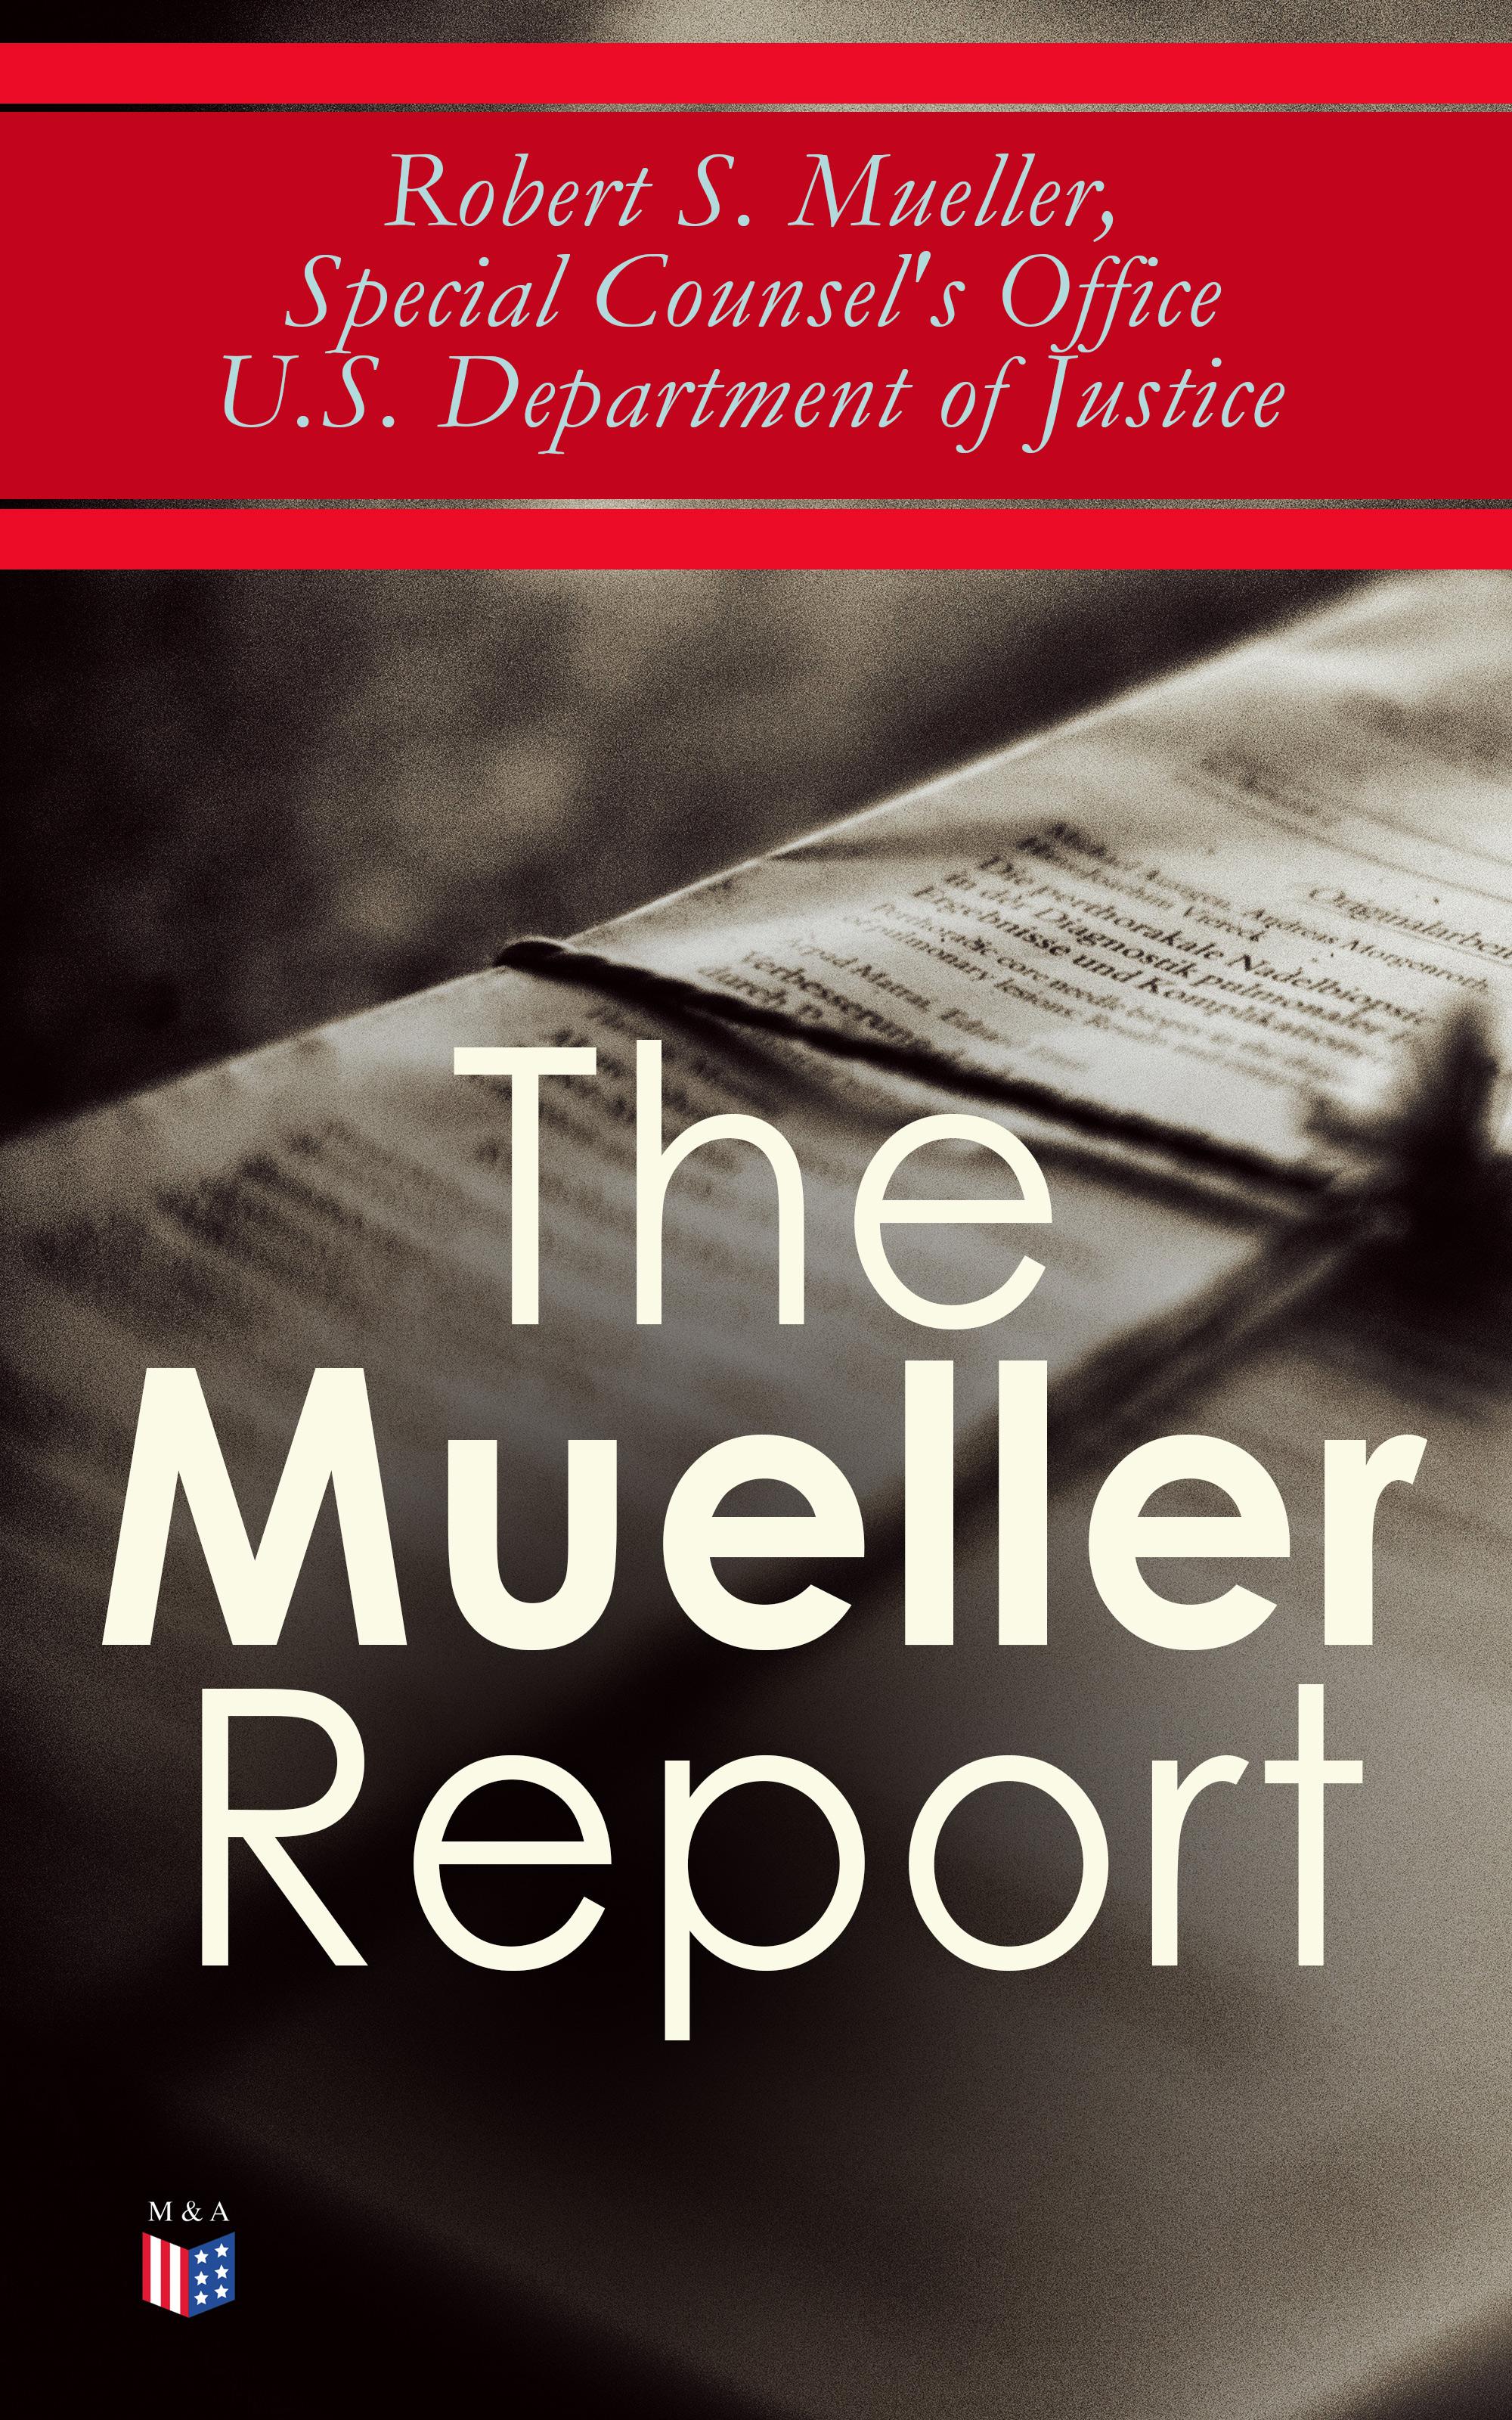 Robert S. Mueller The Mueller Report